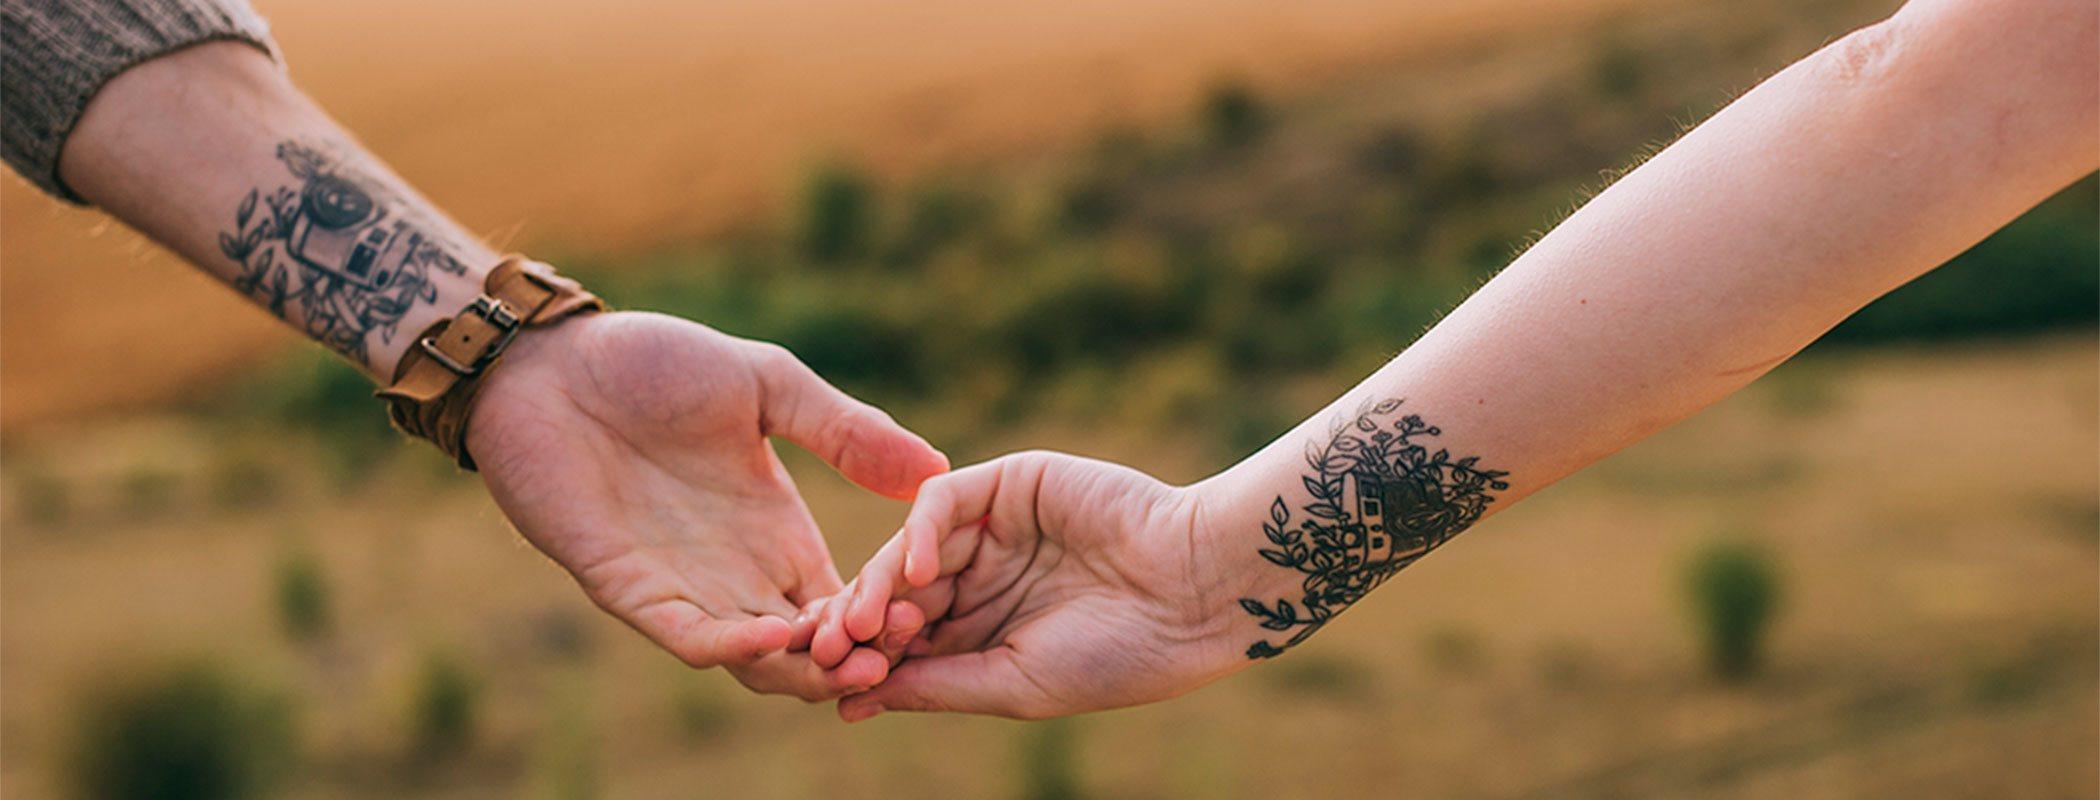 Tatuajes de pareja: símbolos de unión en el amor